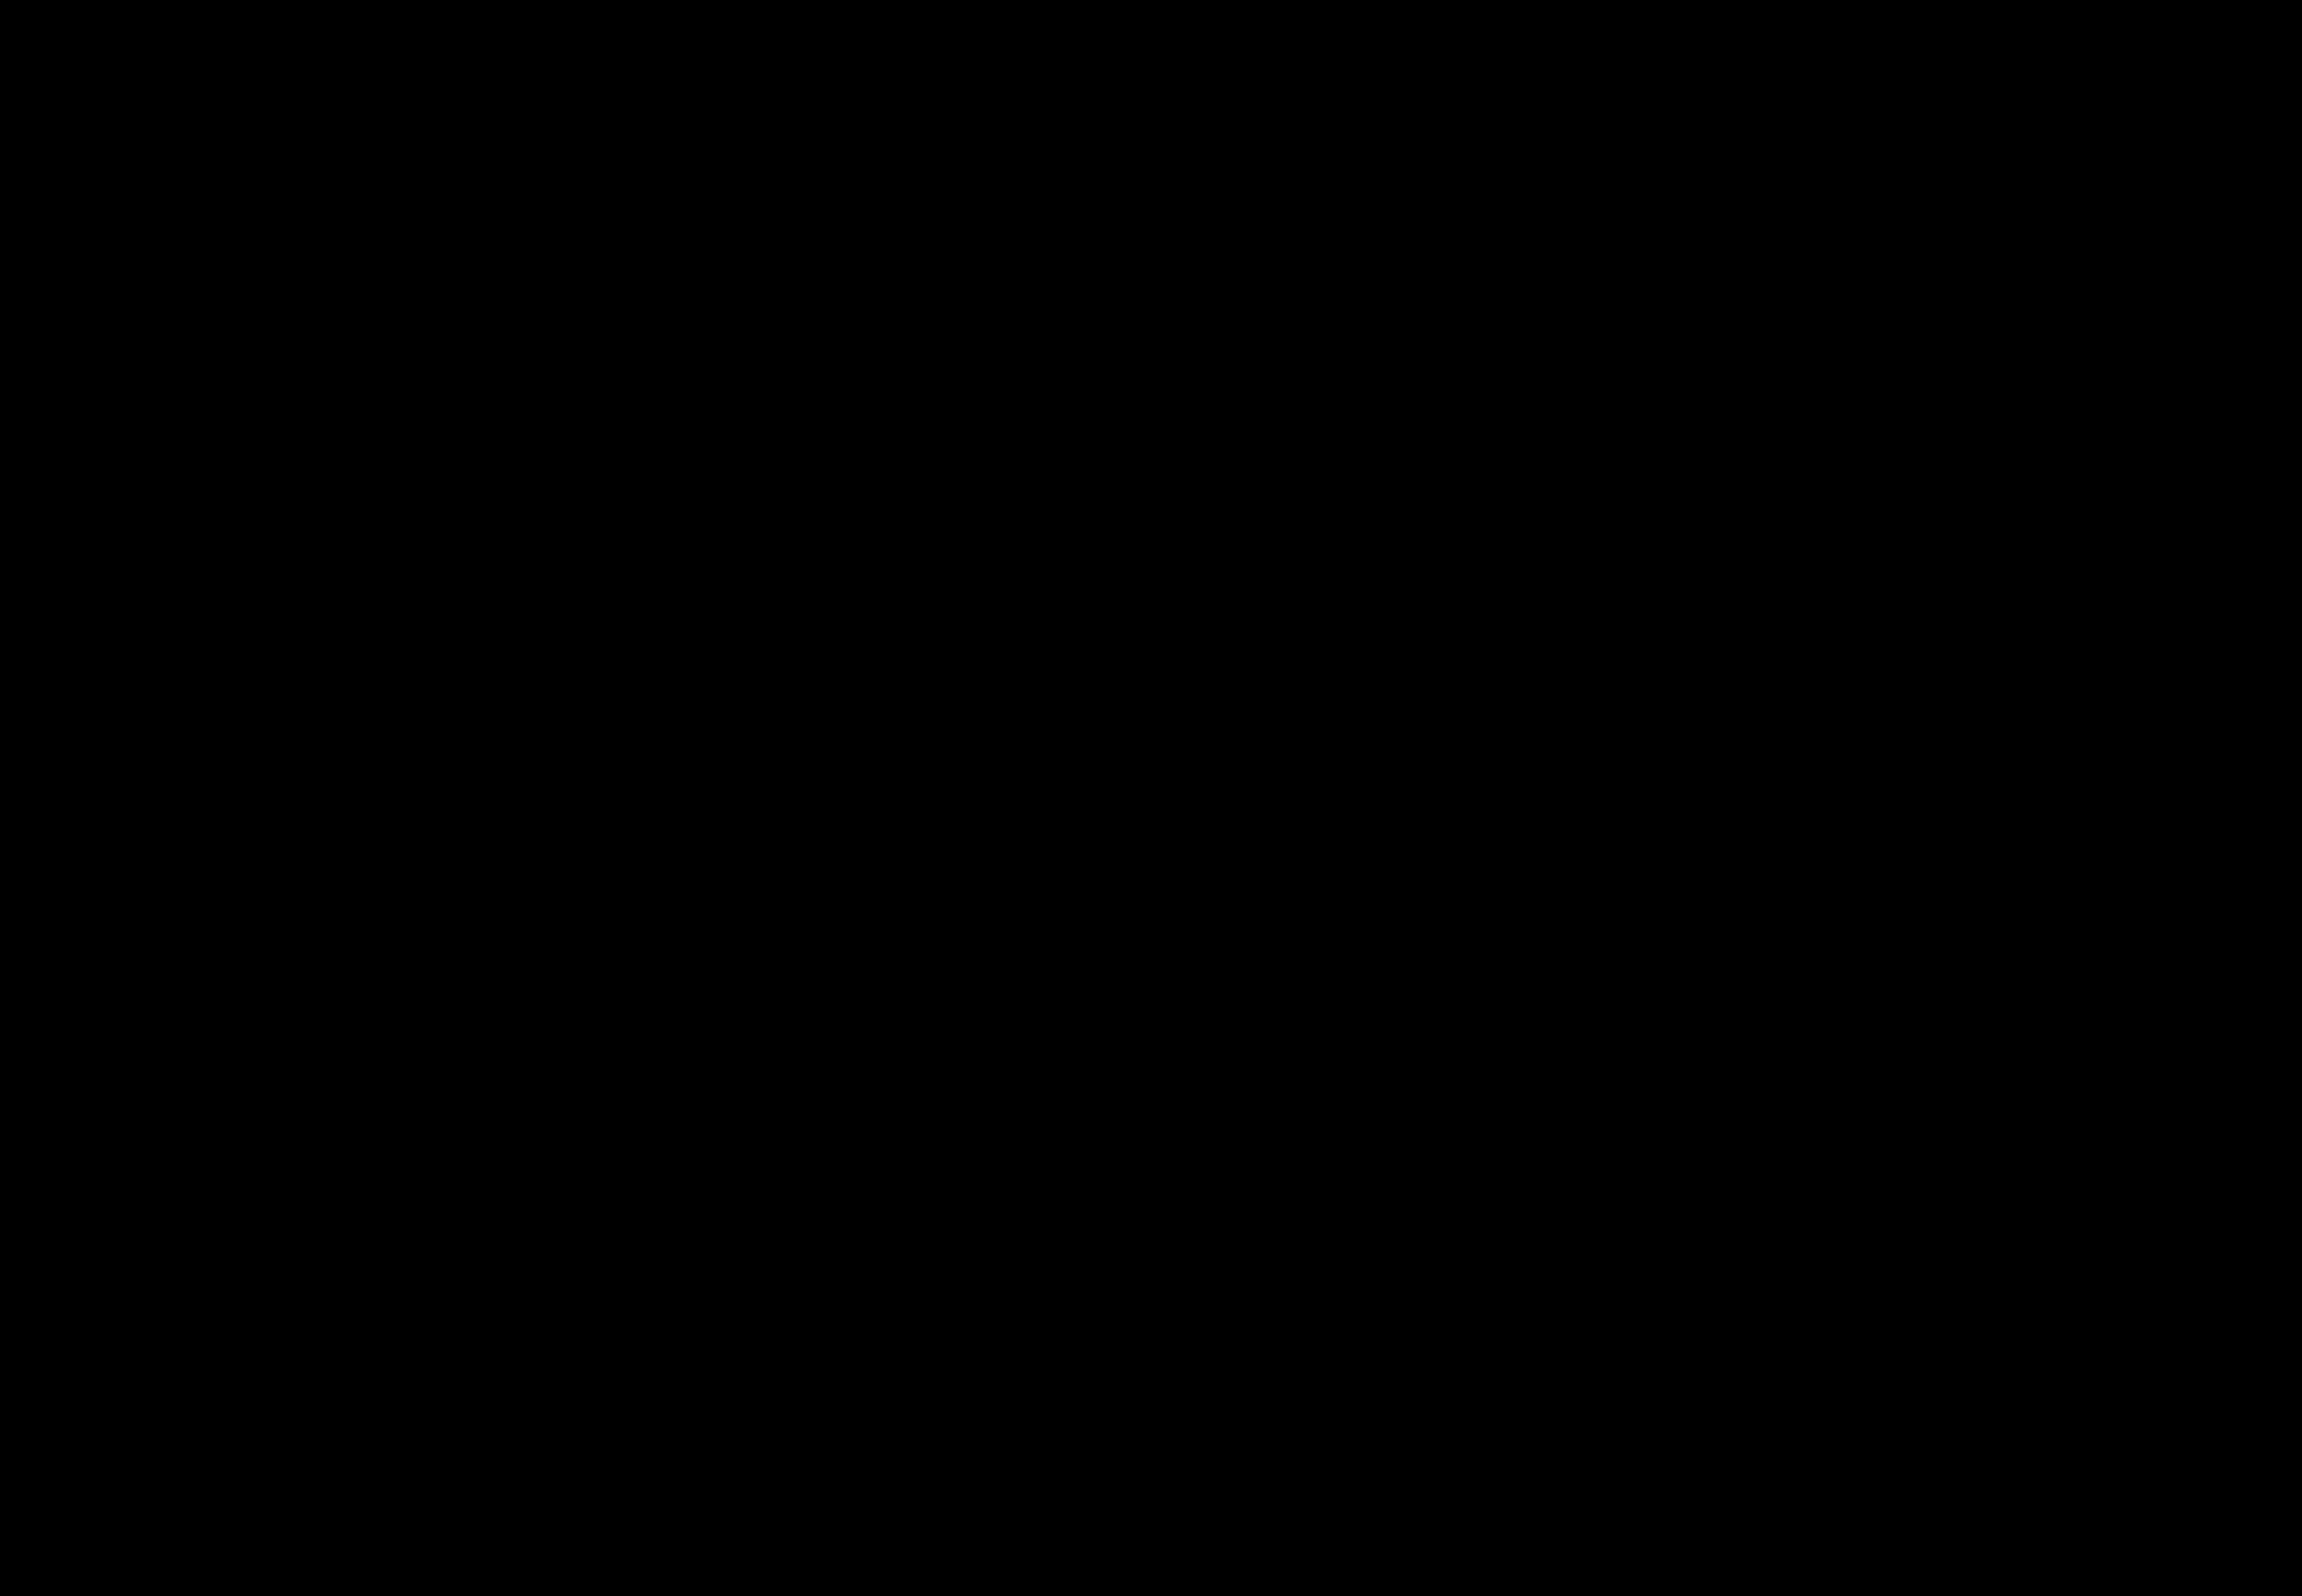 Well-made Beautyrest Black Mattress with pillows, blankets, and duvet